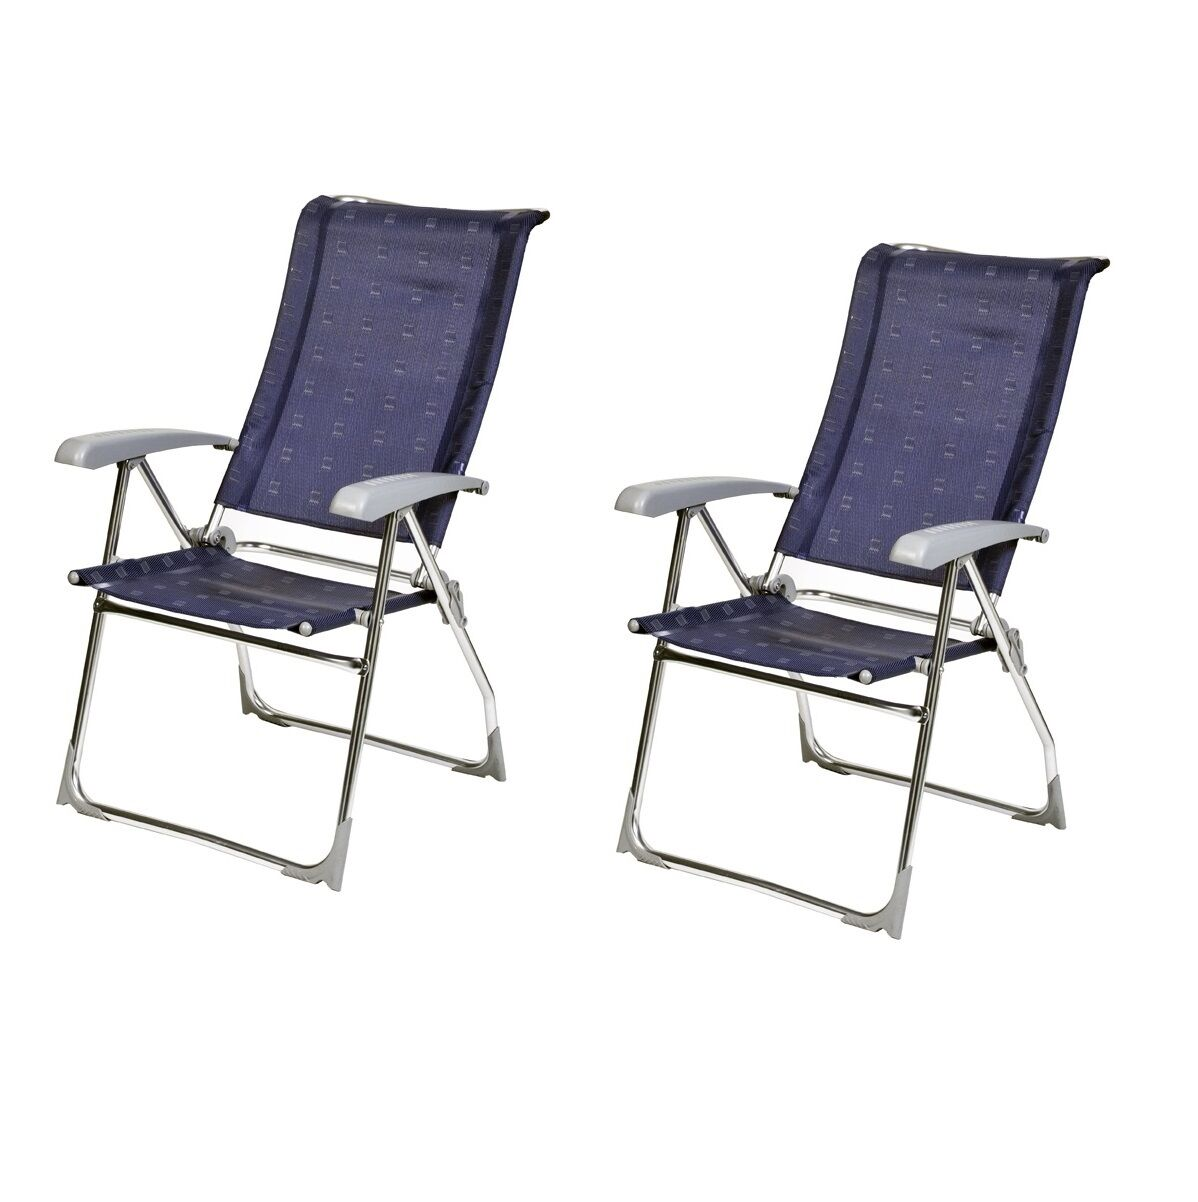 X2 Aspen (PAIR) Dukdalf Aspen X2 Reclining Caravan Chair Blau - 2018 Model - d5c733